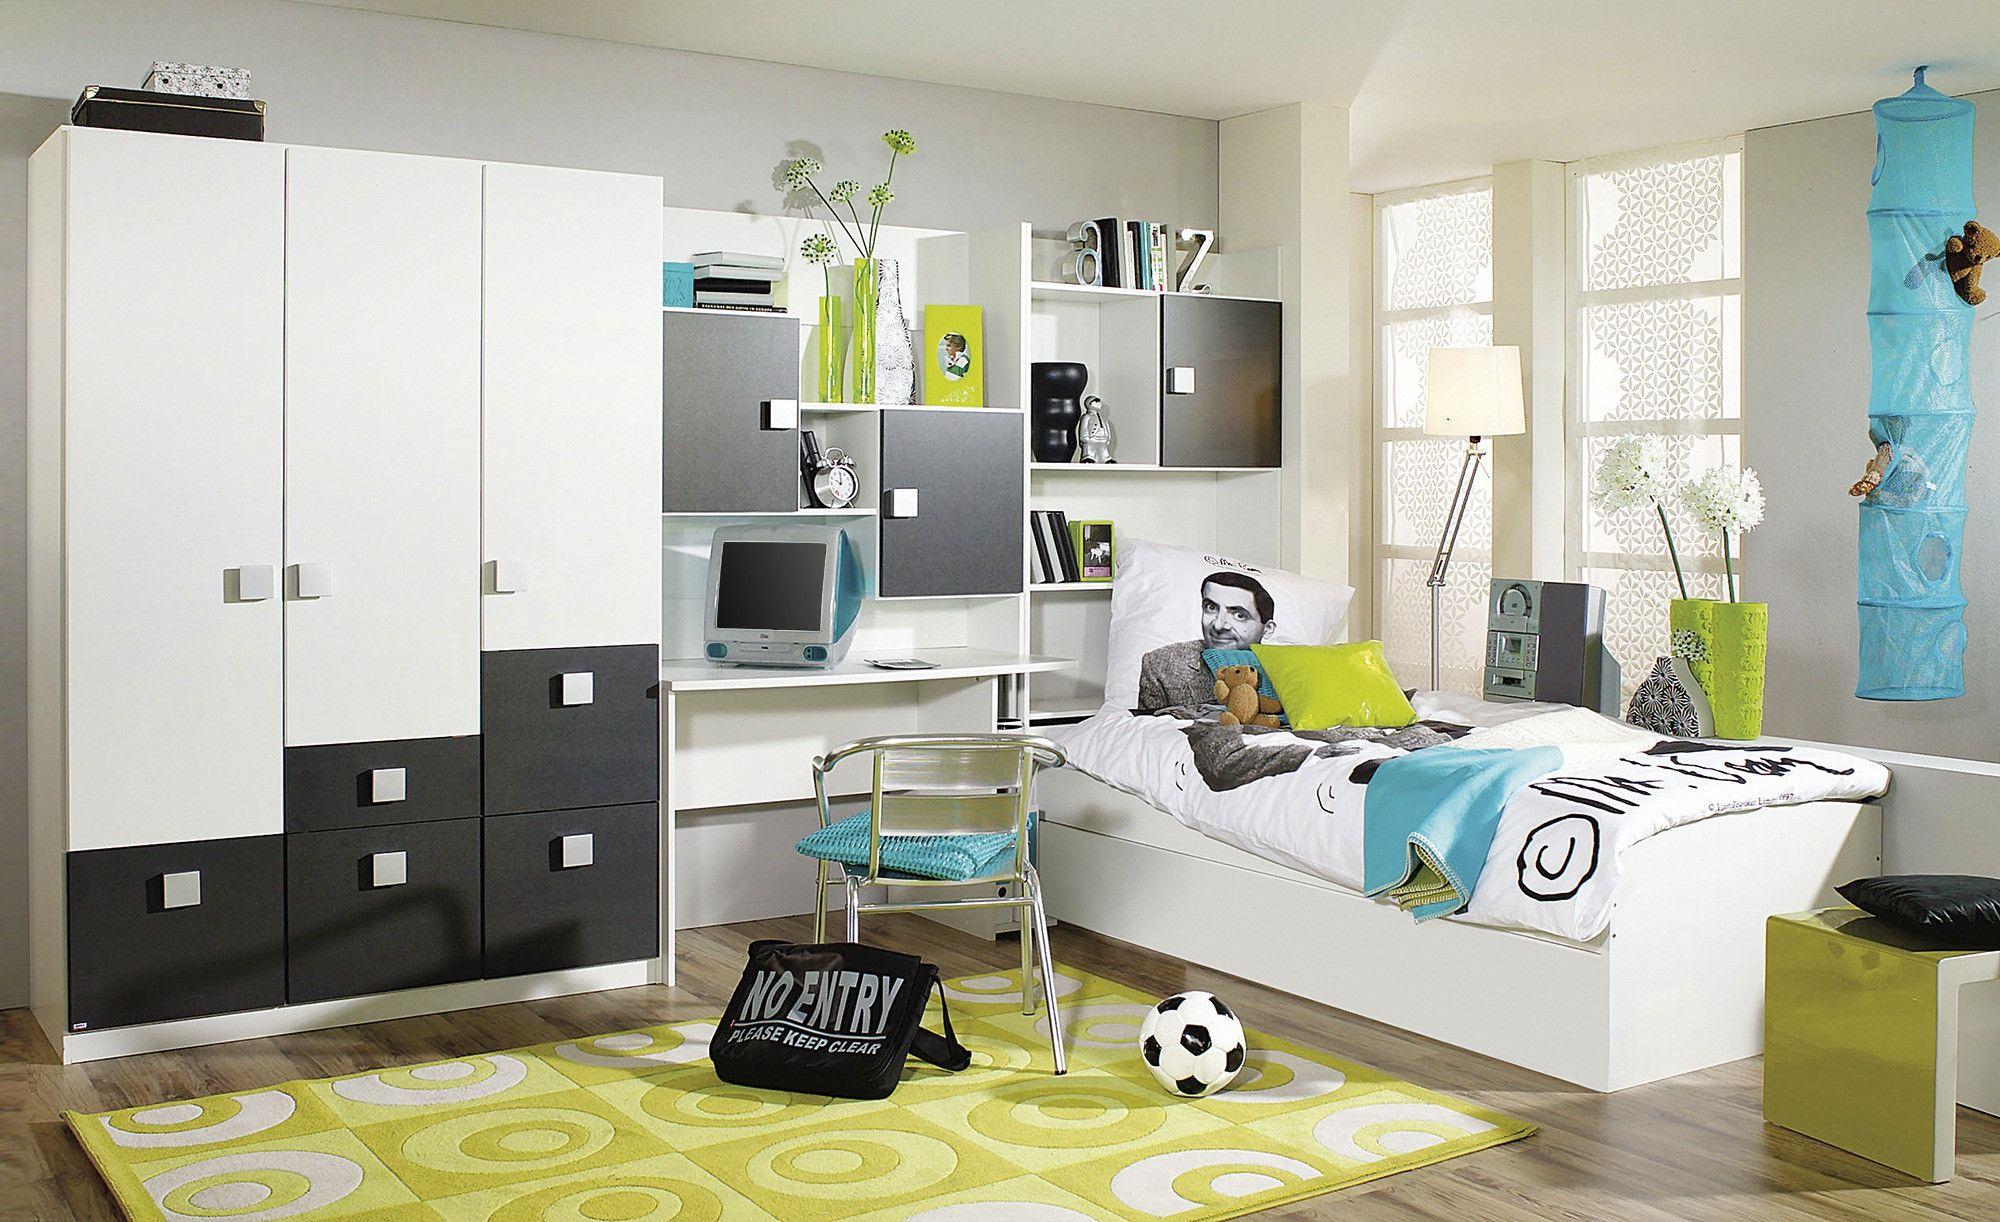 Ikea Schlafzimmer Komplett Gunstig La Photographie In 2020